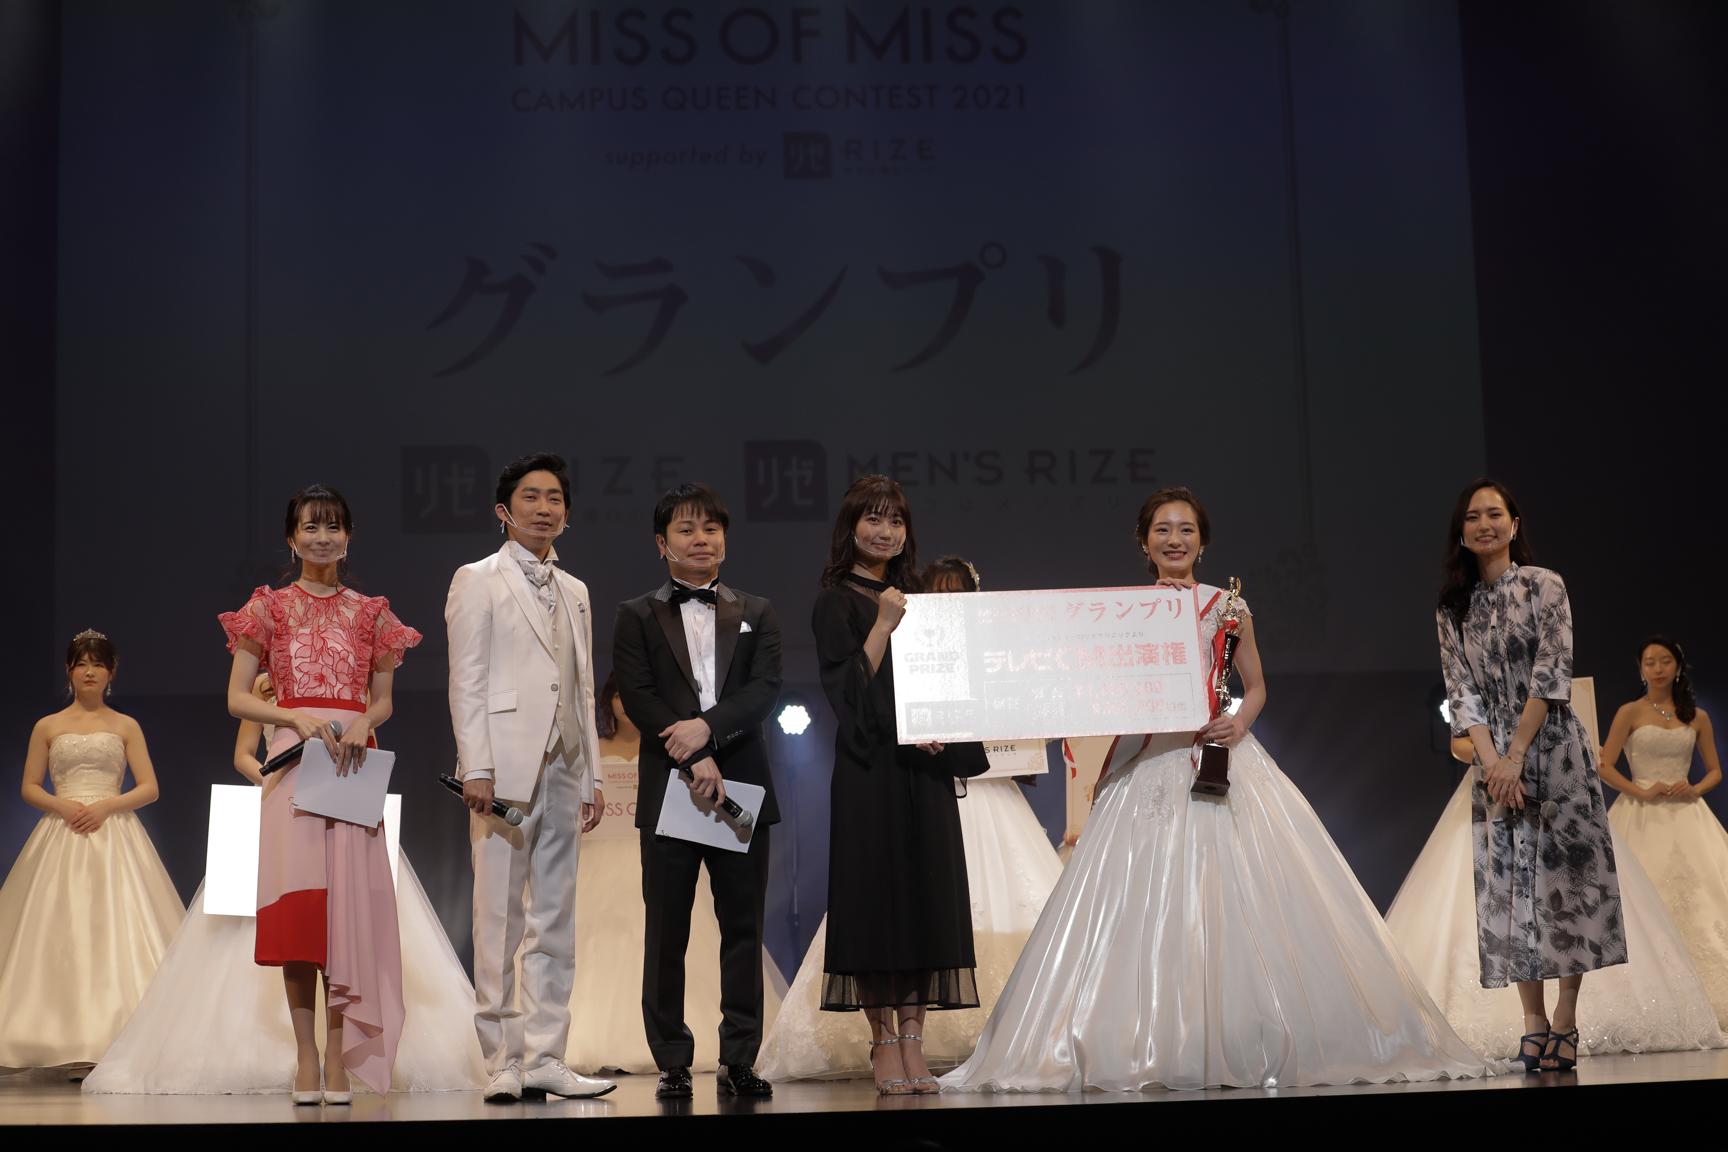 神谷明采(東京大学1年)